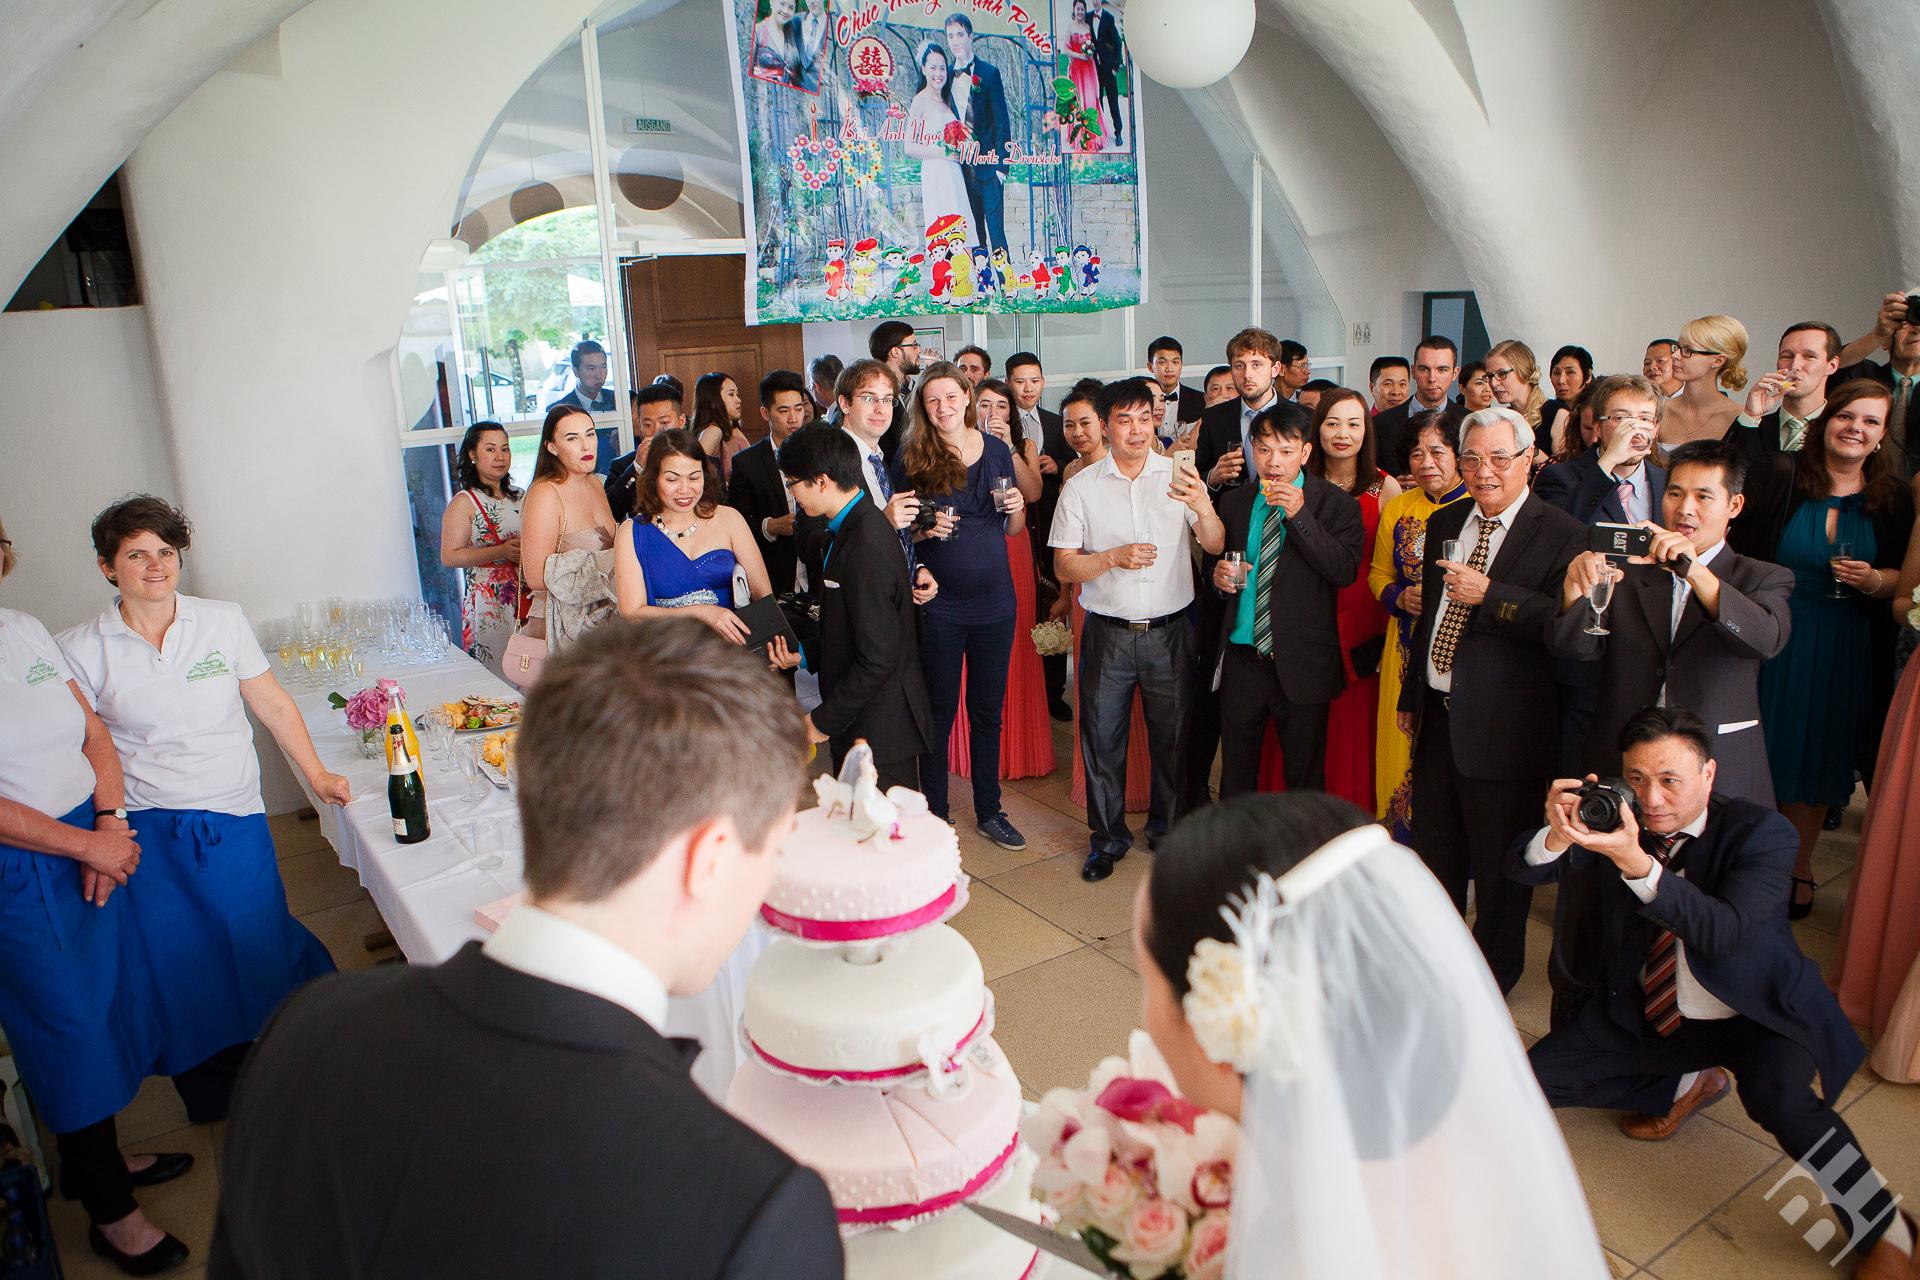 Hochzeit_62_IMG_0396_Volen_Evtimov